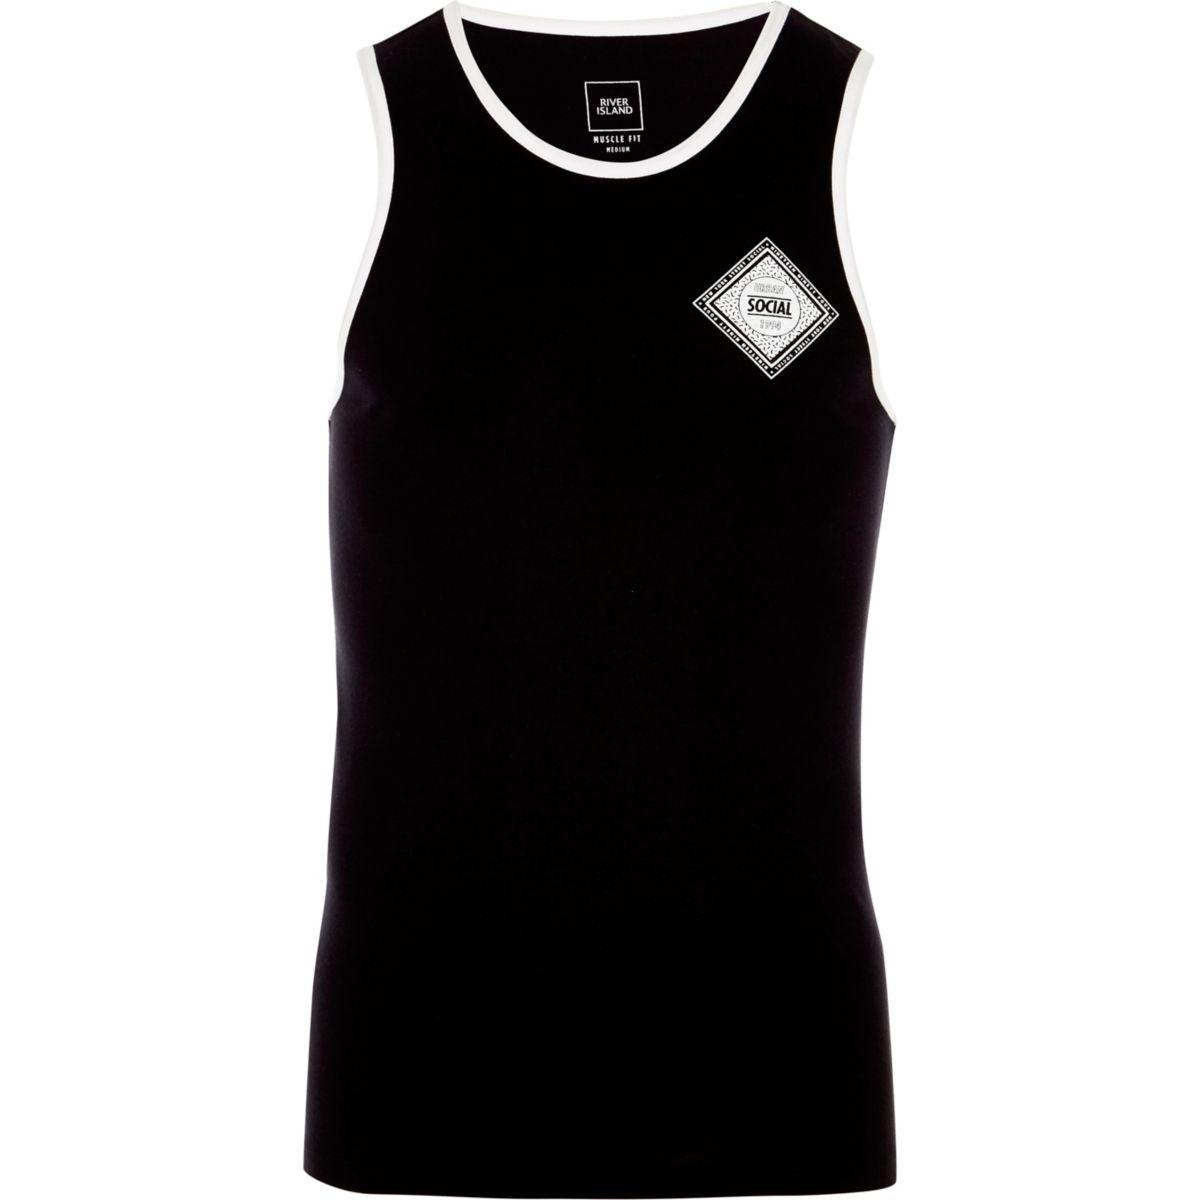 Débardeur ajusté imprimé «Social» noir à bordures contrastantes